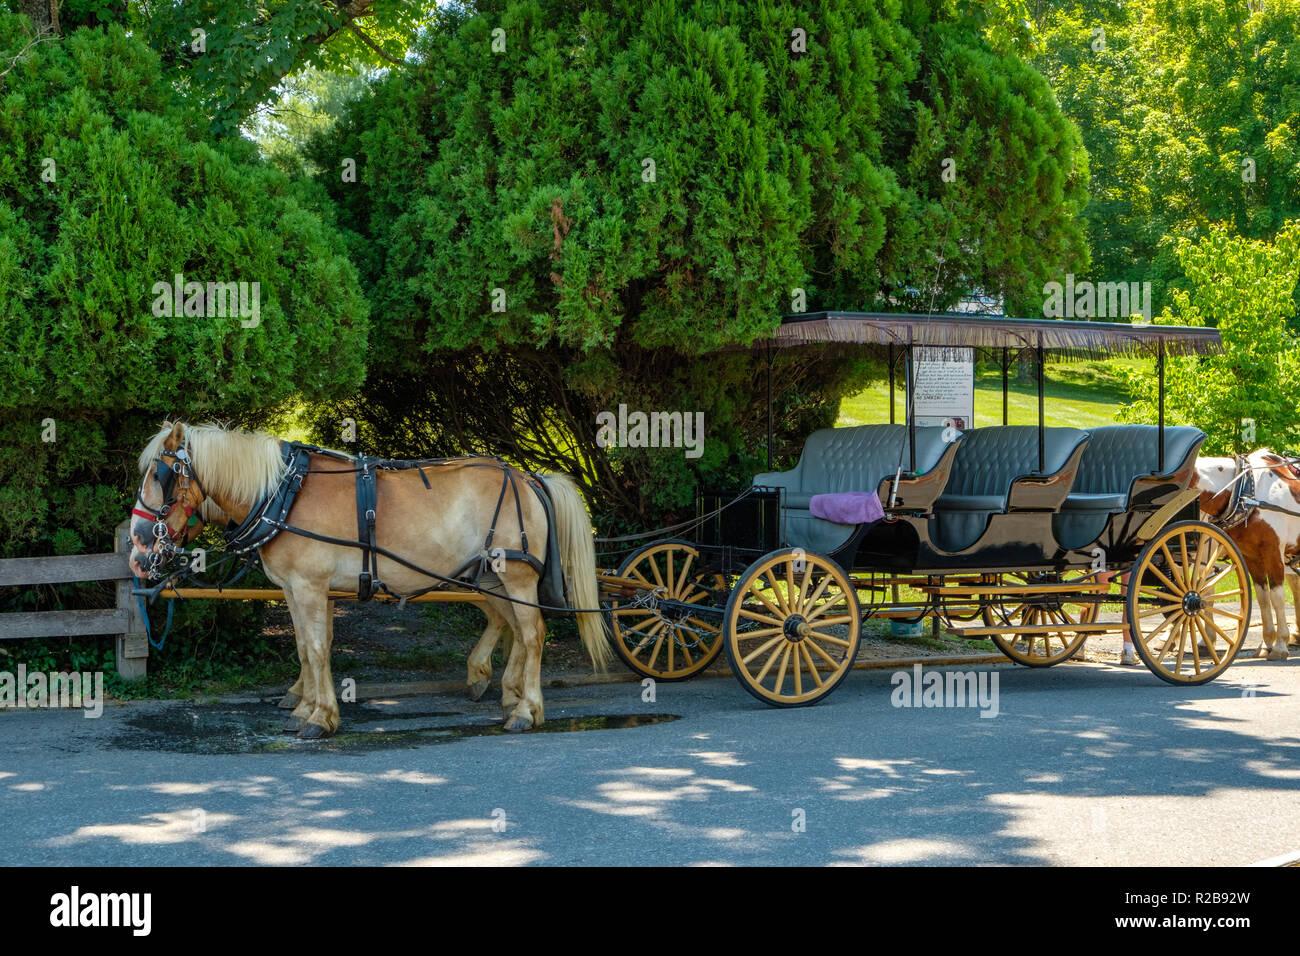 Horse-drawn carriage, Lexington Carriage Company, Lexington, Virginia Stock Photo